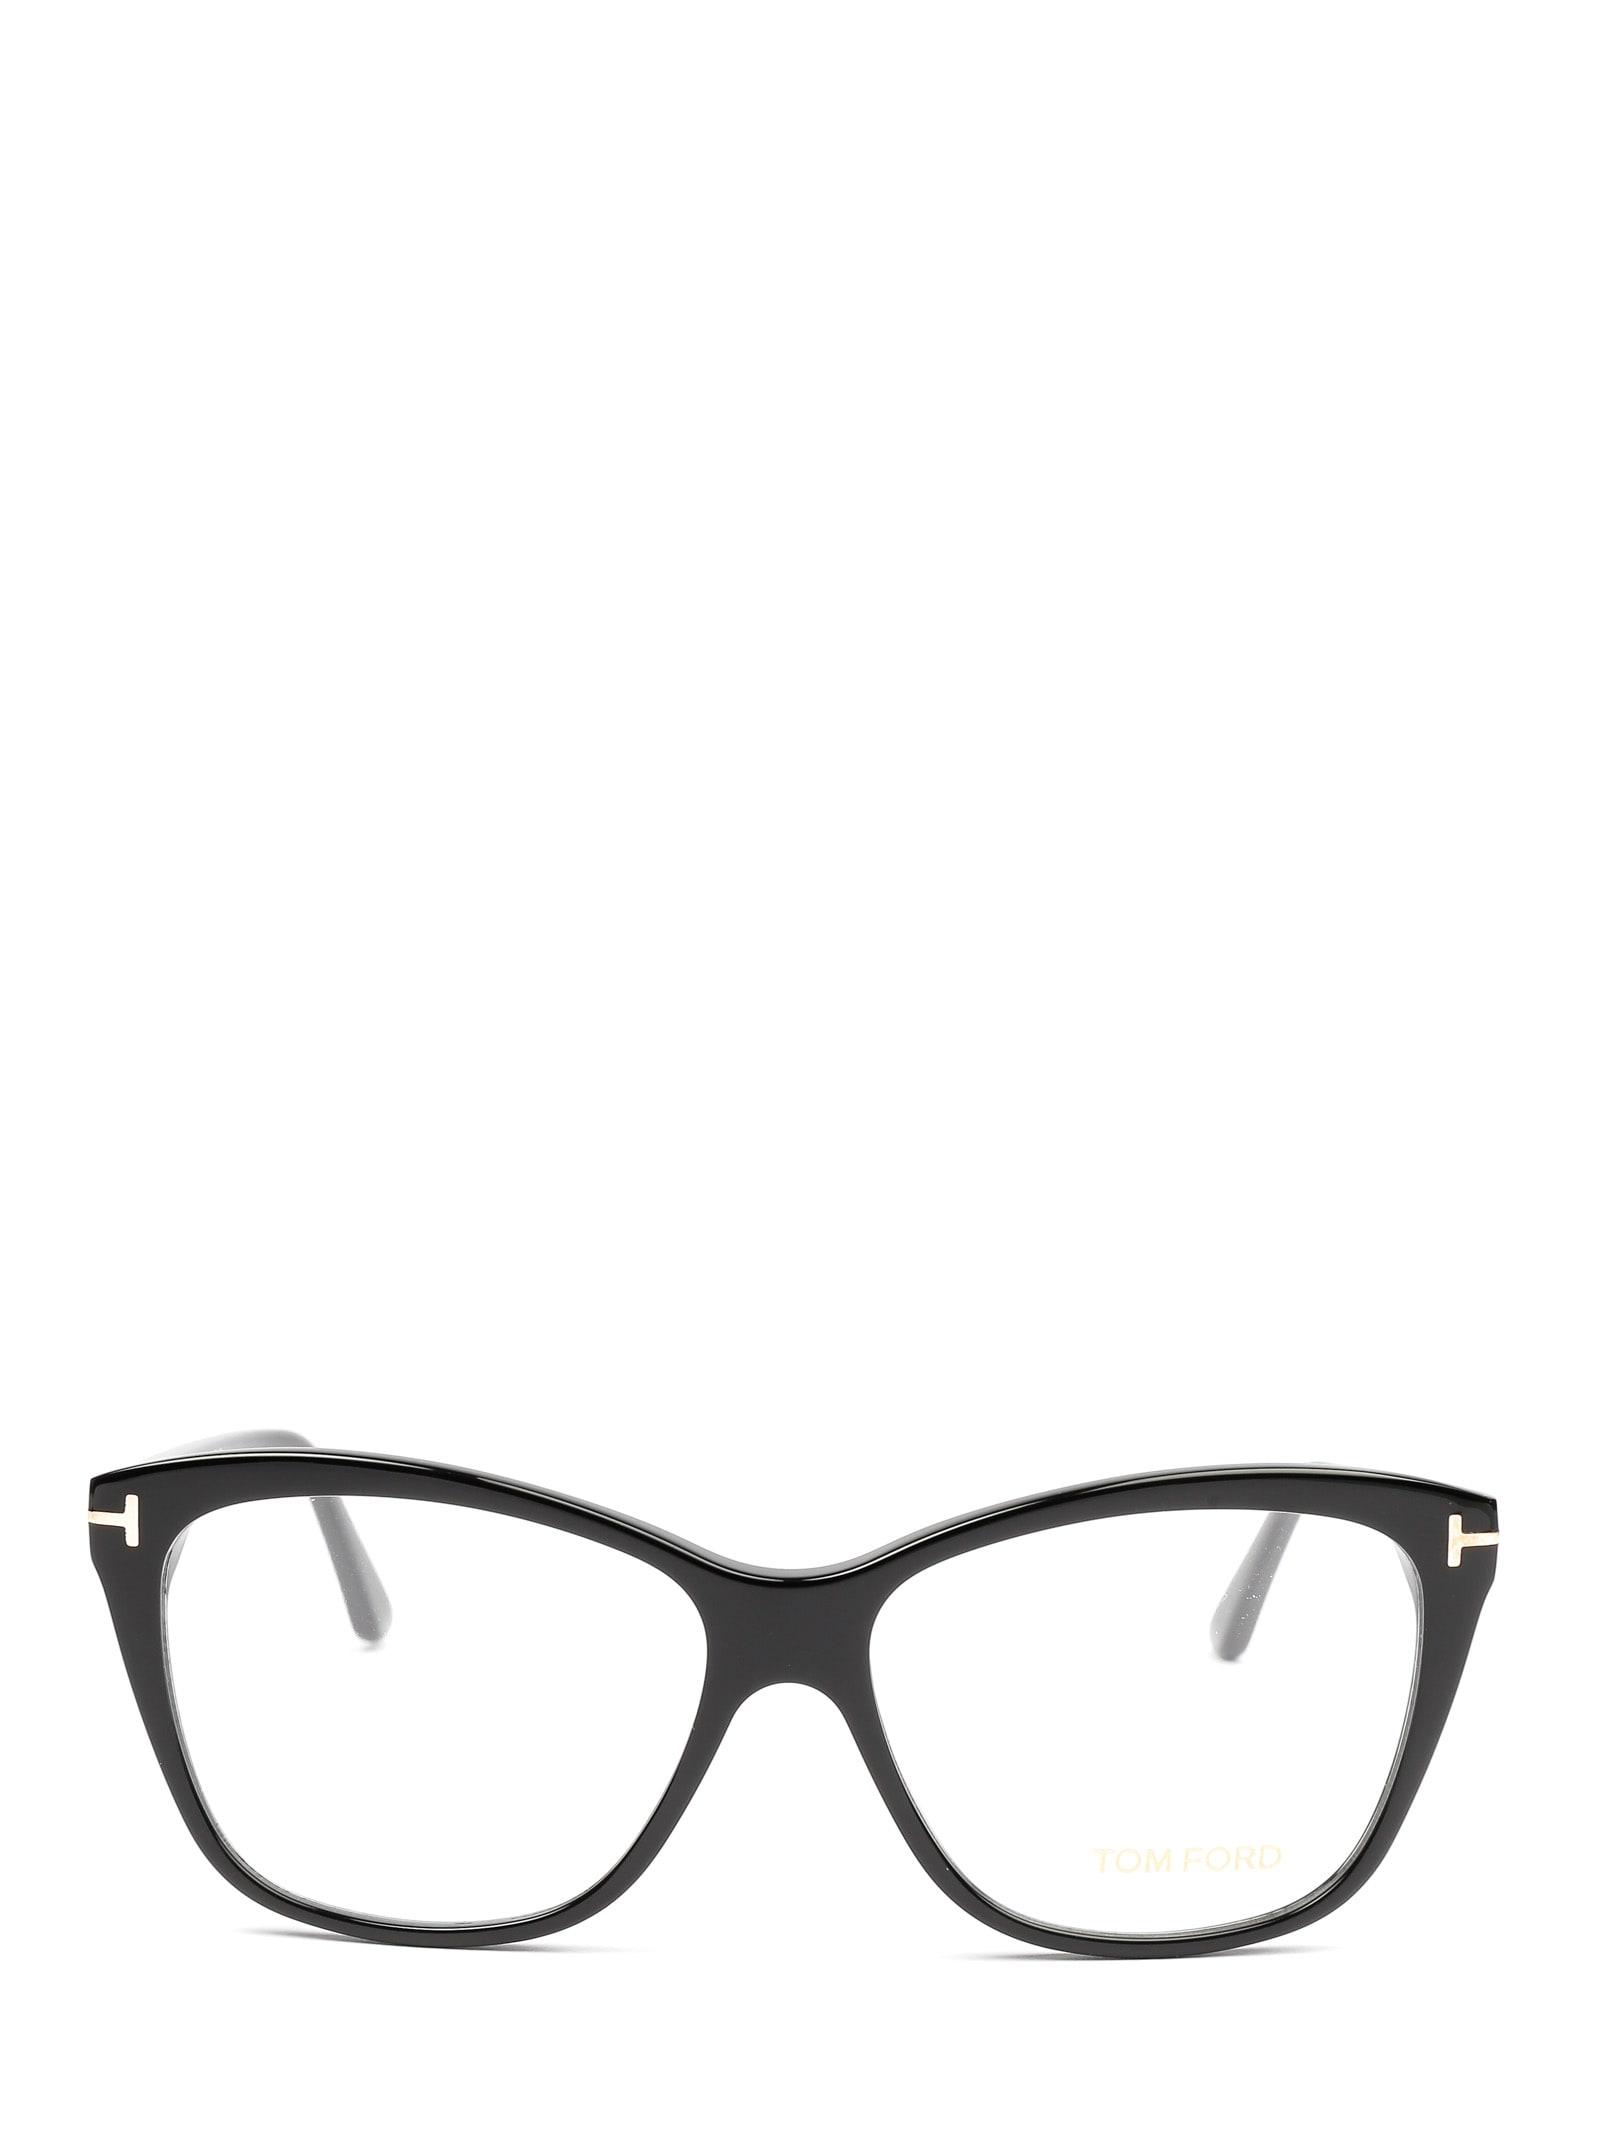 Tom Ford Tom Ford Ft5512 001 Glasses